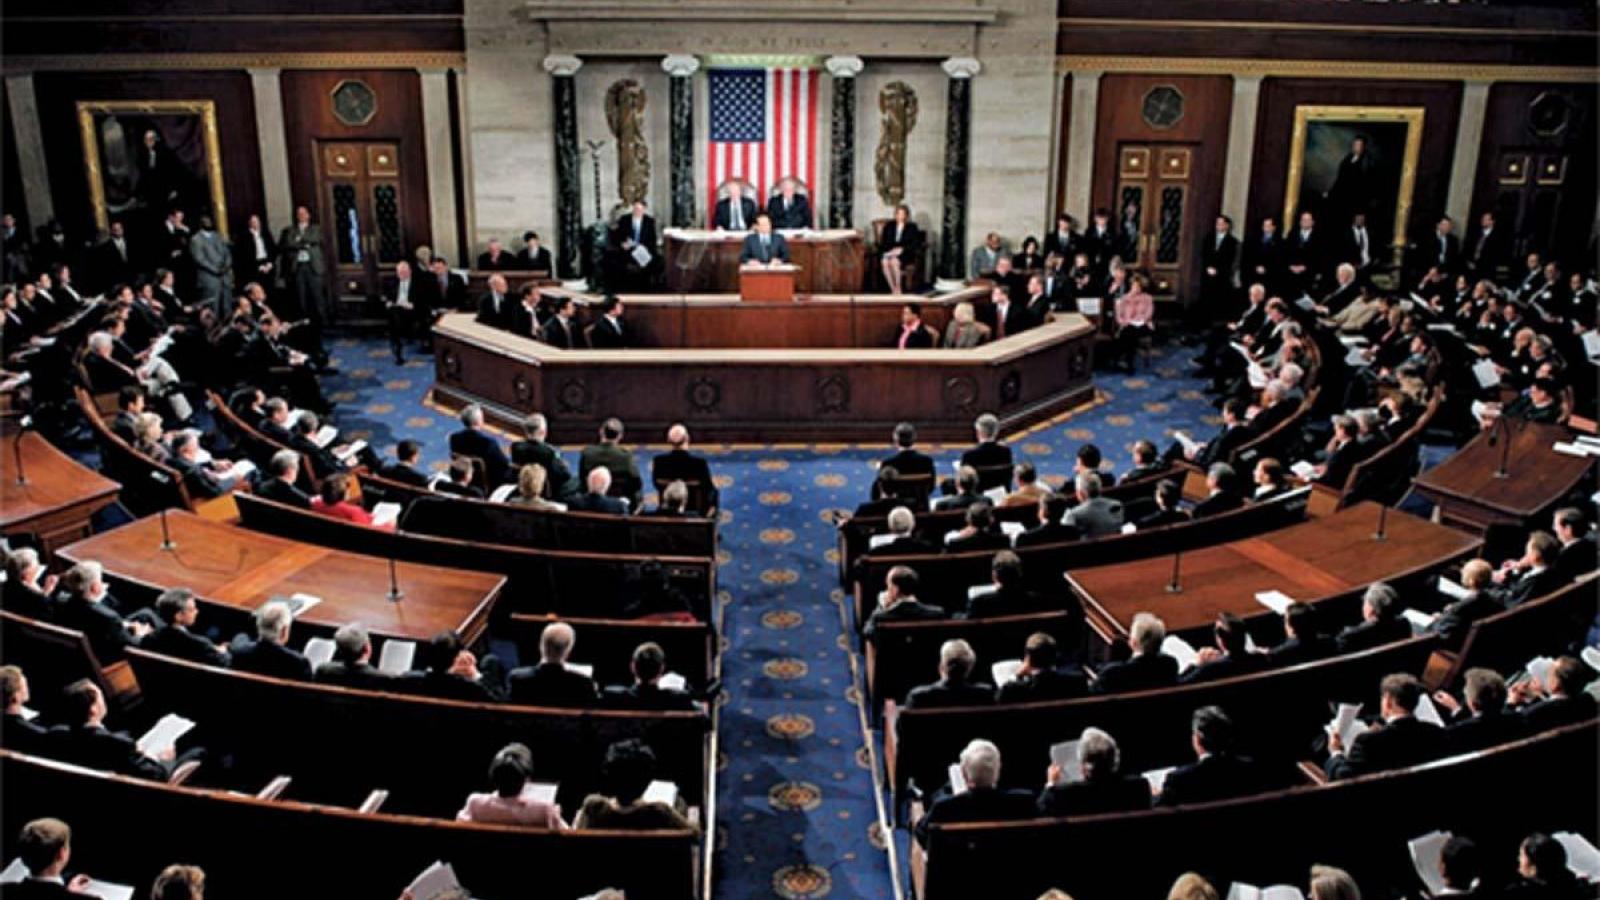 Thượng viện Mỹ thông qua Nghị quyết ủng hộ chuyển giao quyền lực trong hòa bình